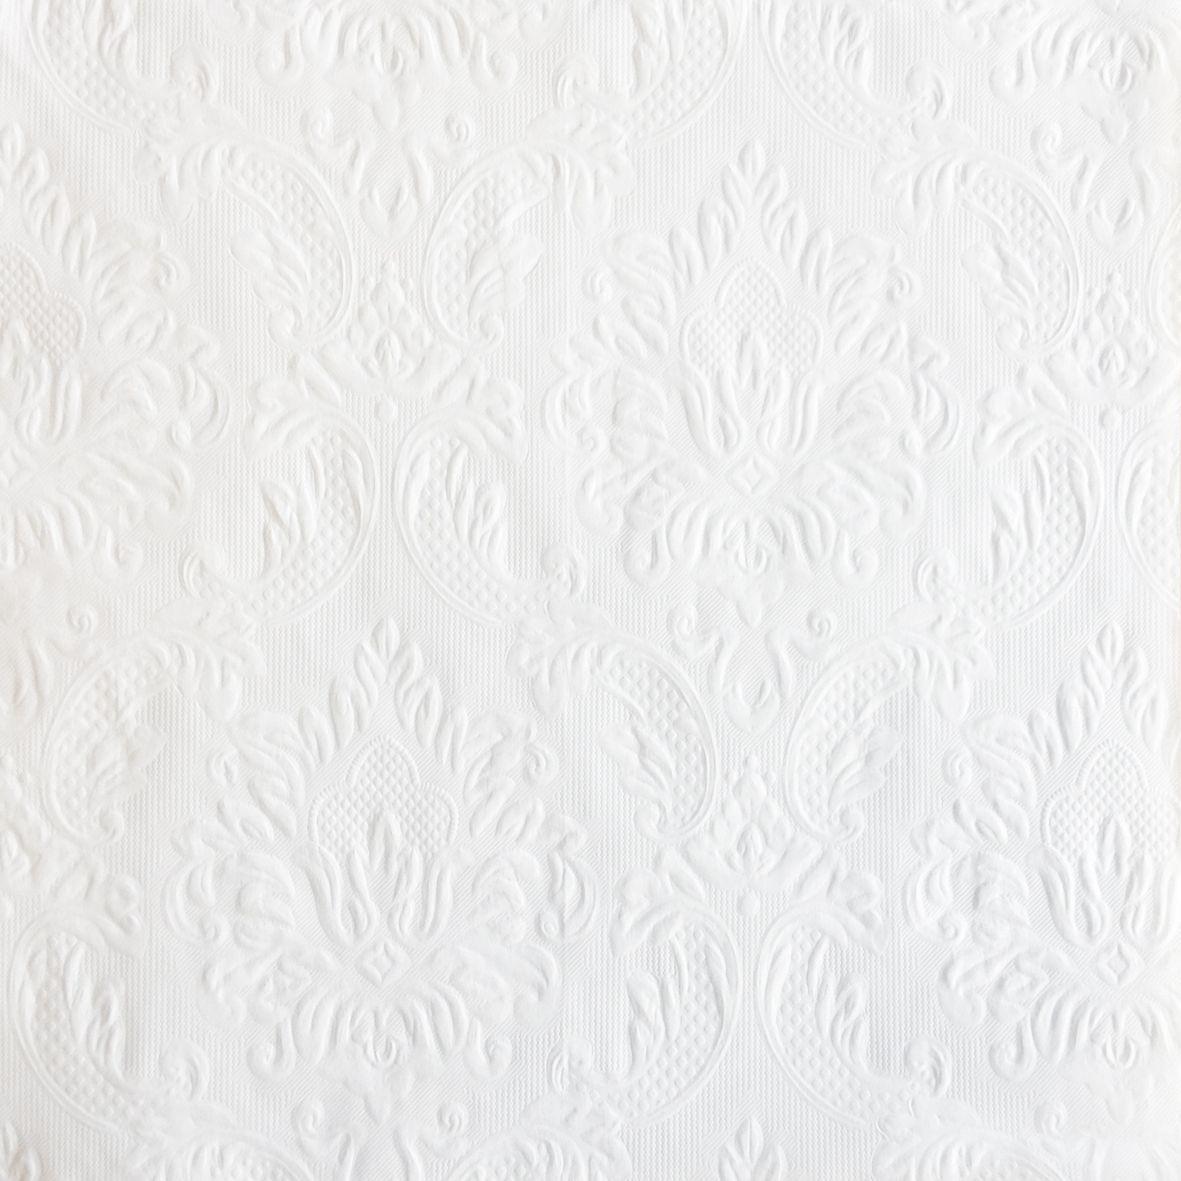 Салфетки бумажные Duni, 3-слойные, с тиснением, цвет: белый, 33 х 33 см, 20 шт170905Трехслойные бумажные салфетки изготовлены из экологически чистого, высококачественного сырья - 100% целлюлозы. Салфетки выполнены в оригинальном и современном стиле, прекрасно сочетаются с любым интерьером и всегда будут прекрасным и незаменимым украшением стола.